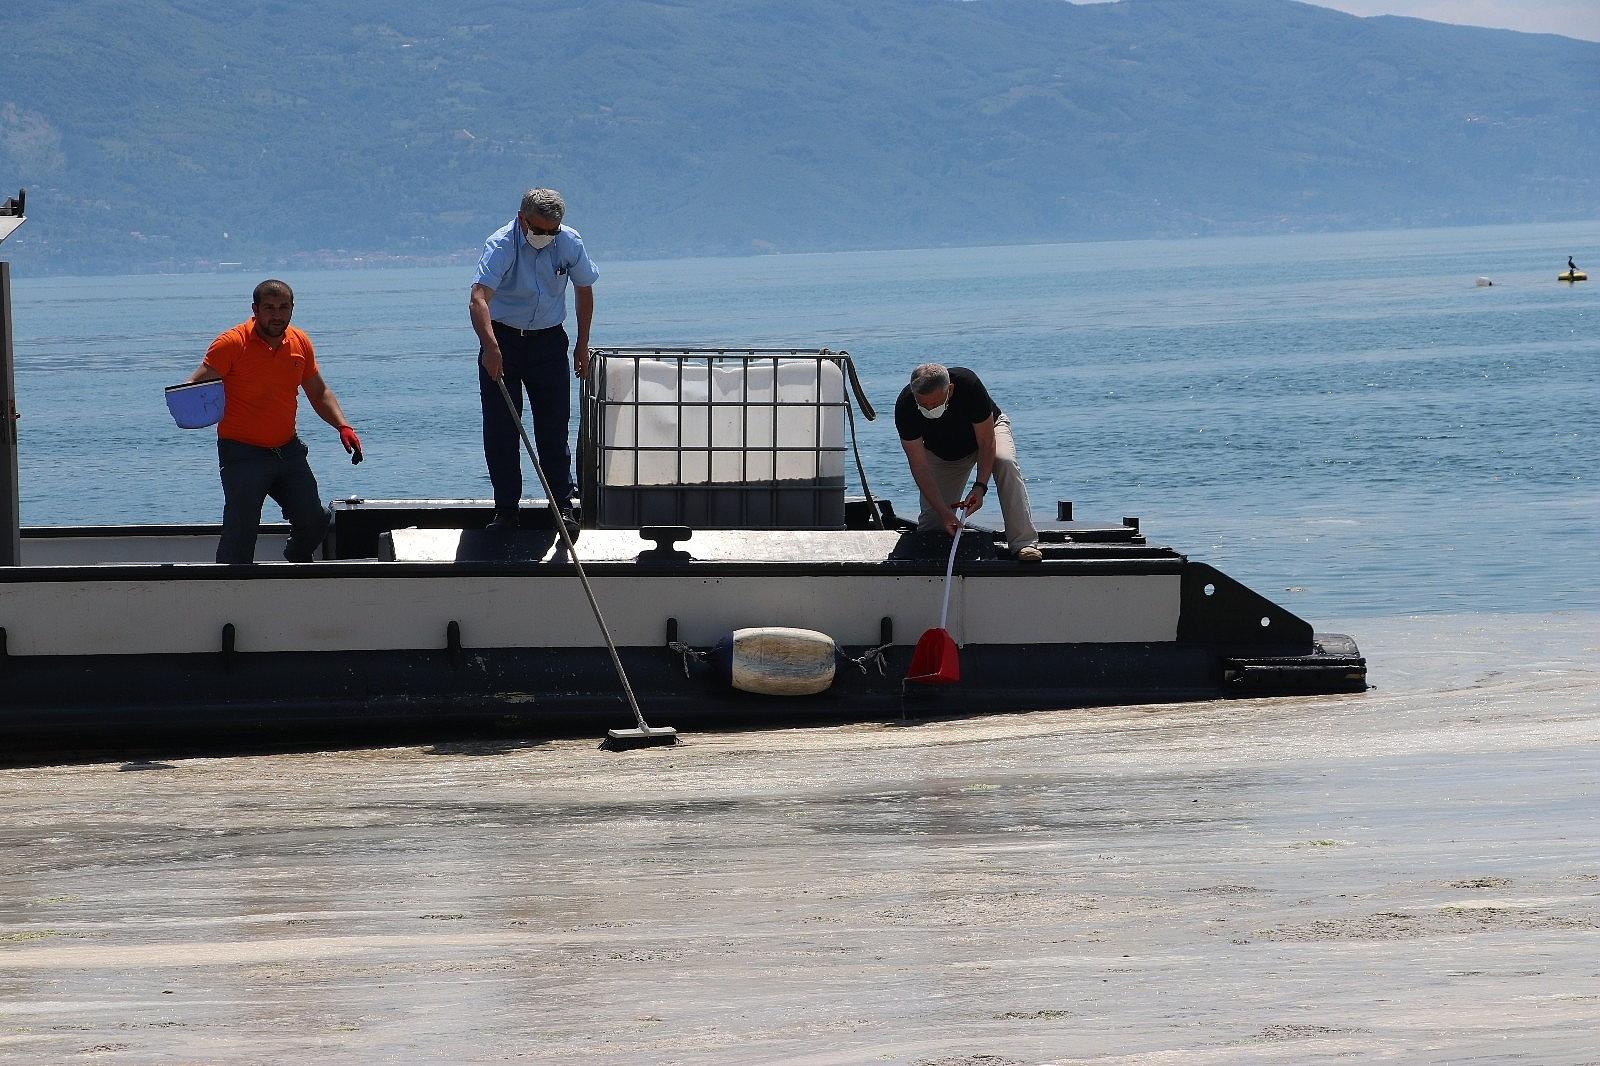 2021/06/vatandas-kureklerle-deniz-salyasi-temizledi-20210606AW33-3.jpg